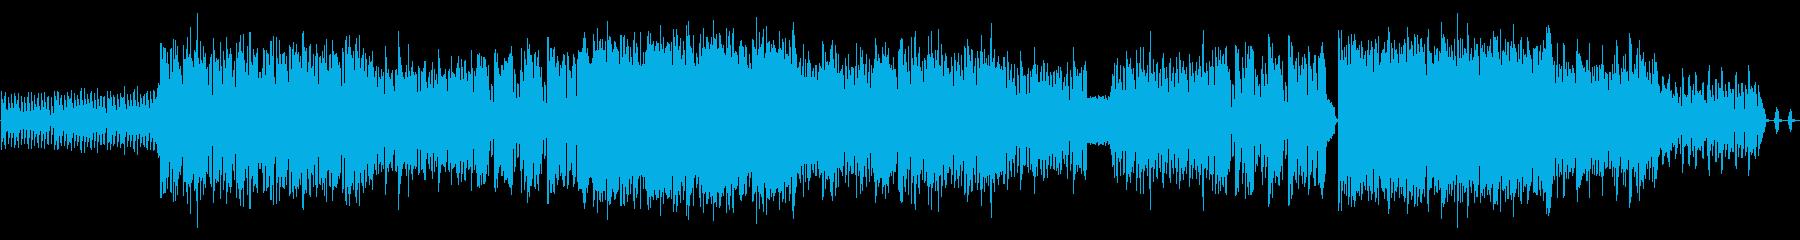 近未来のレースをイメージしたインストの再生済みの波形